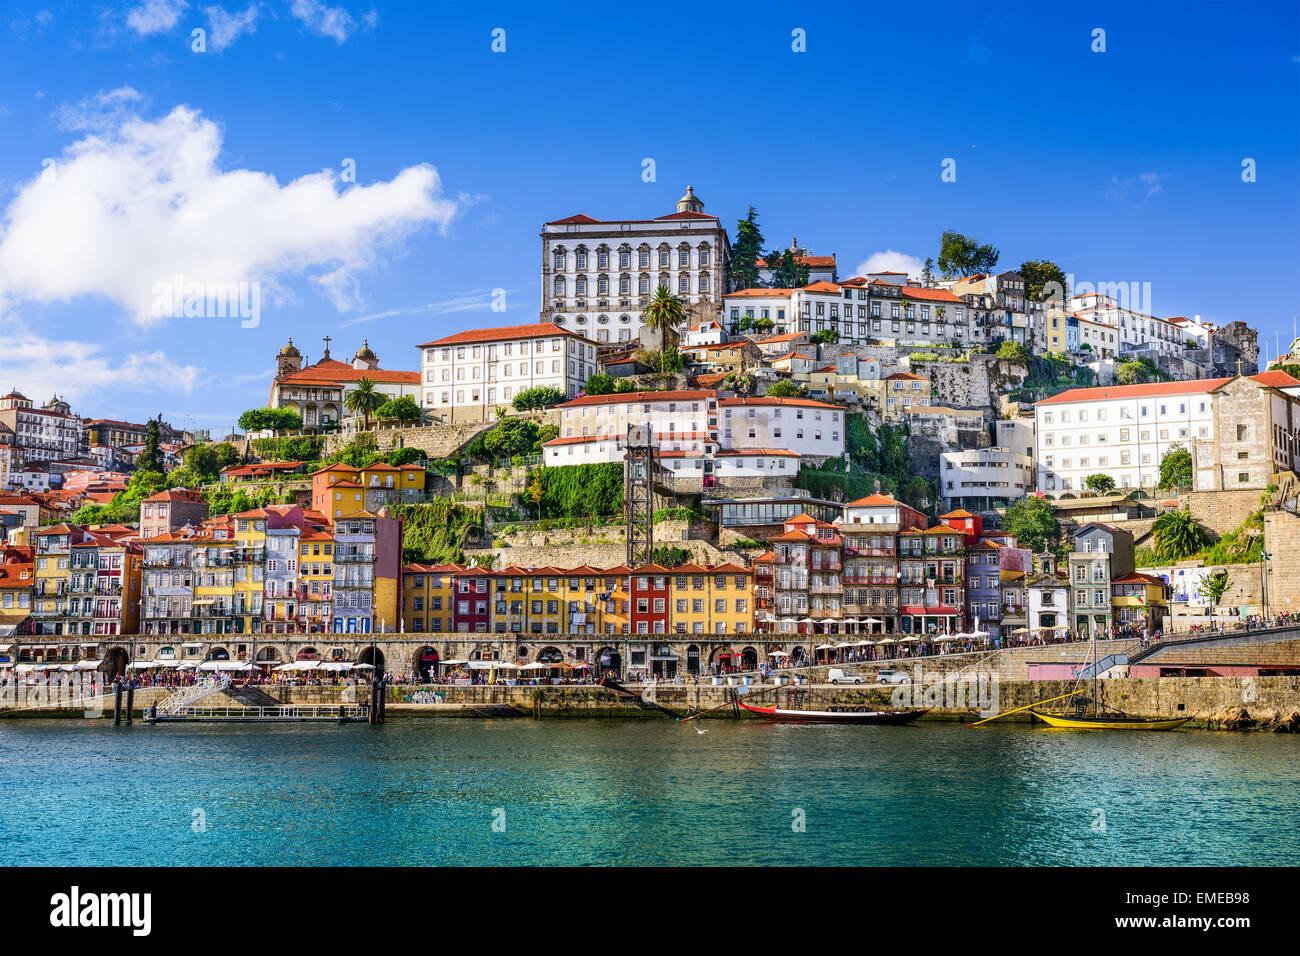 Porto, Portogallo città vecchia sul fiume Douro. Immagini Stock